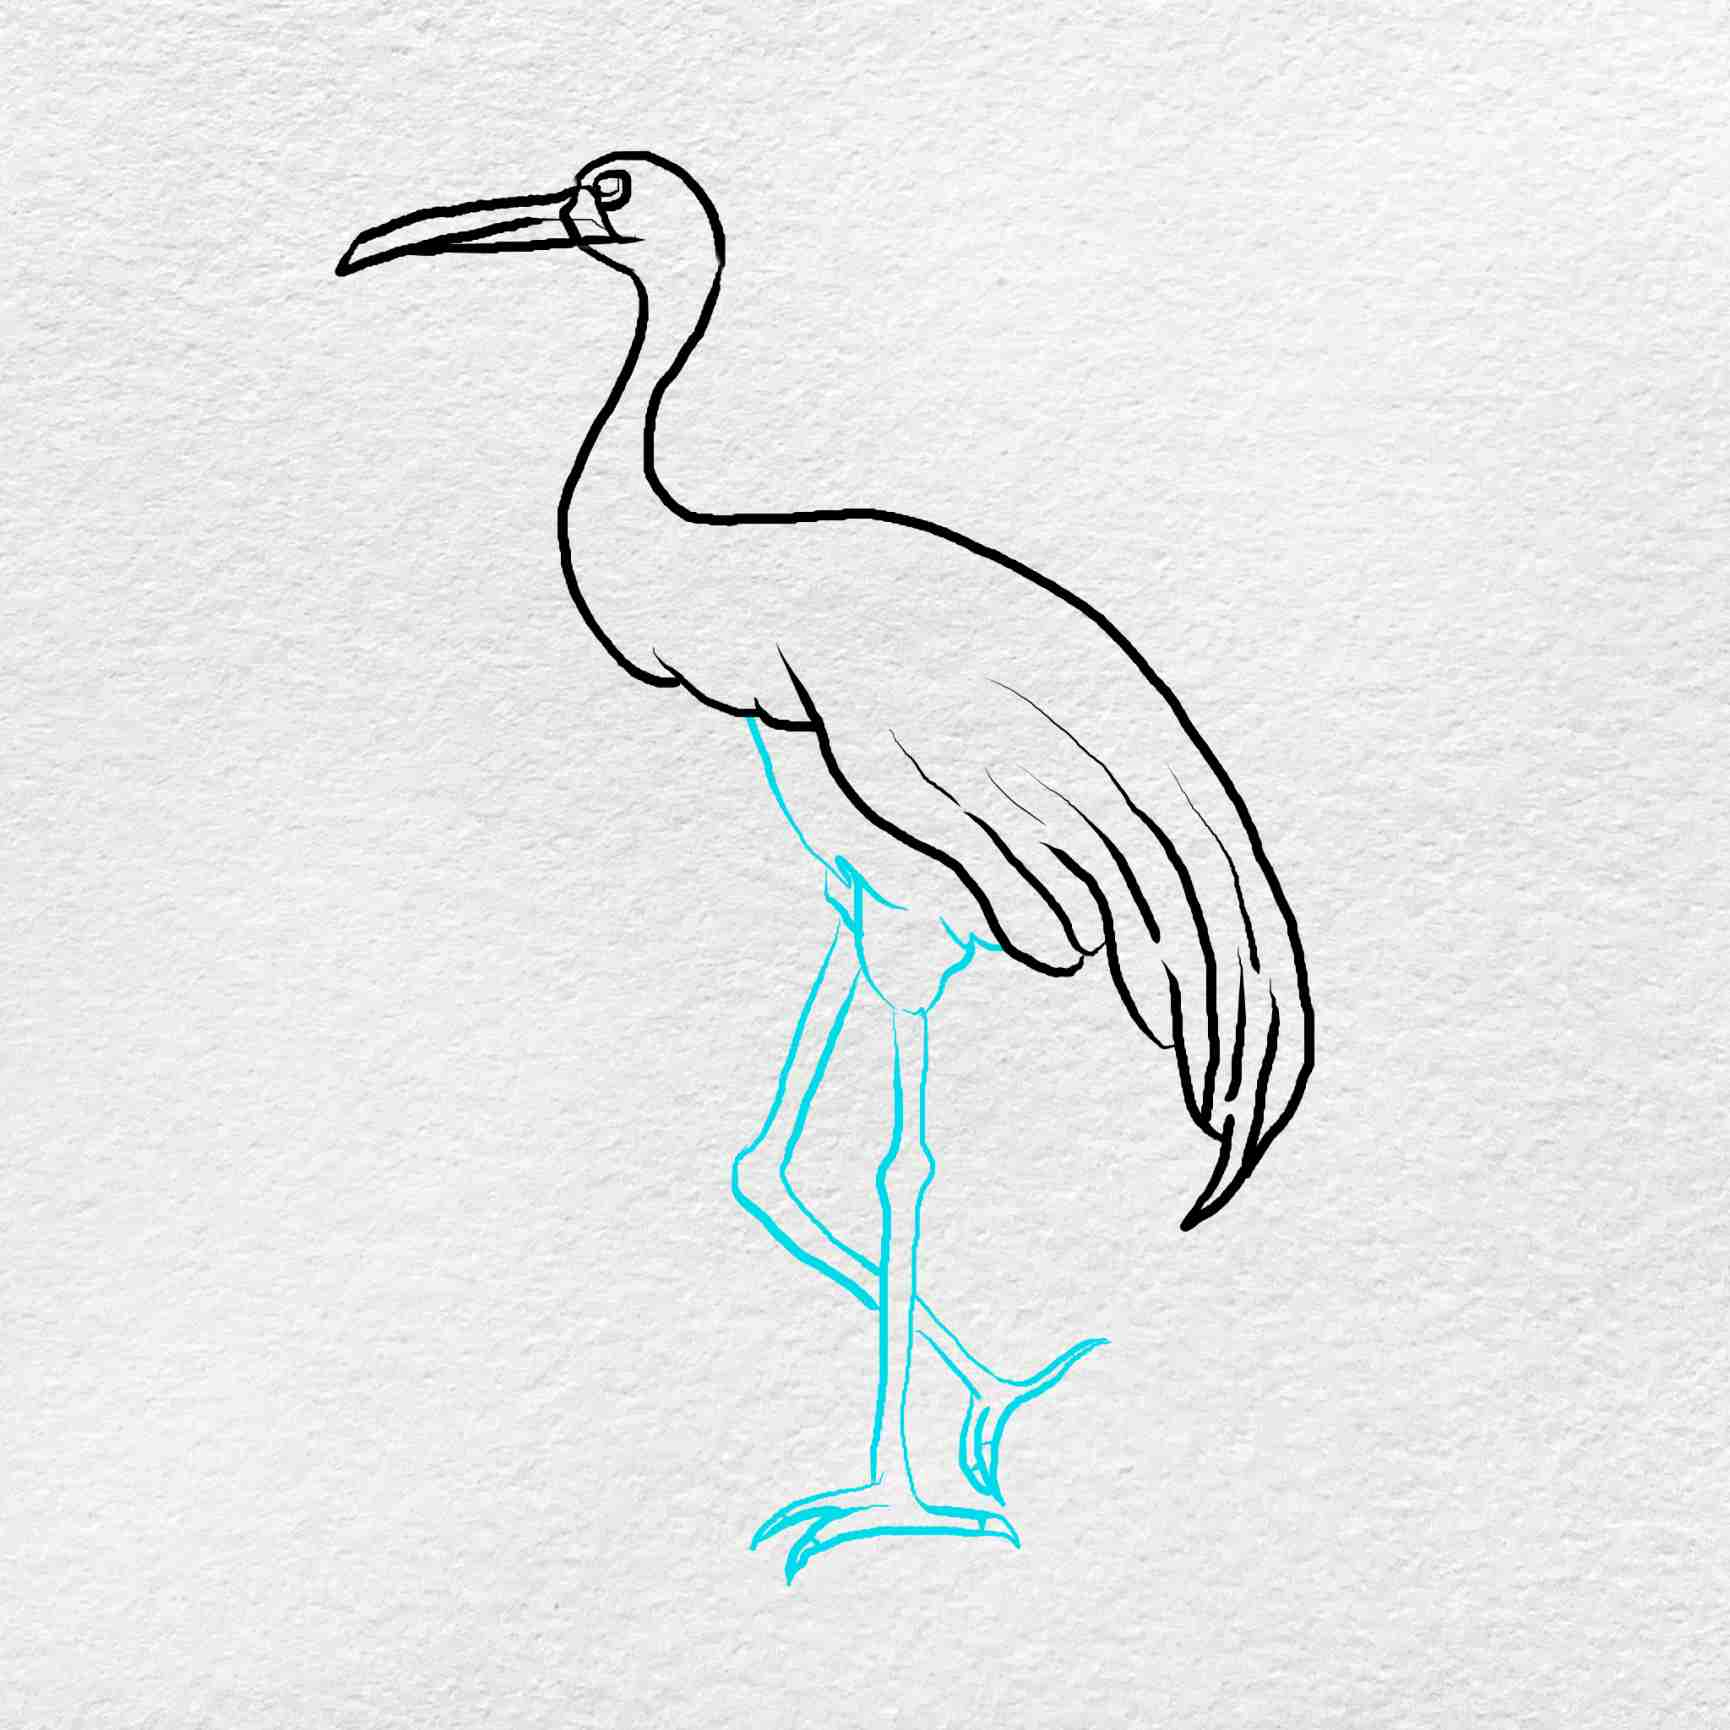 How To Draw A Crane: Step 5